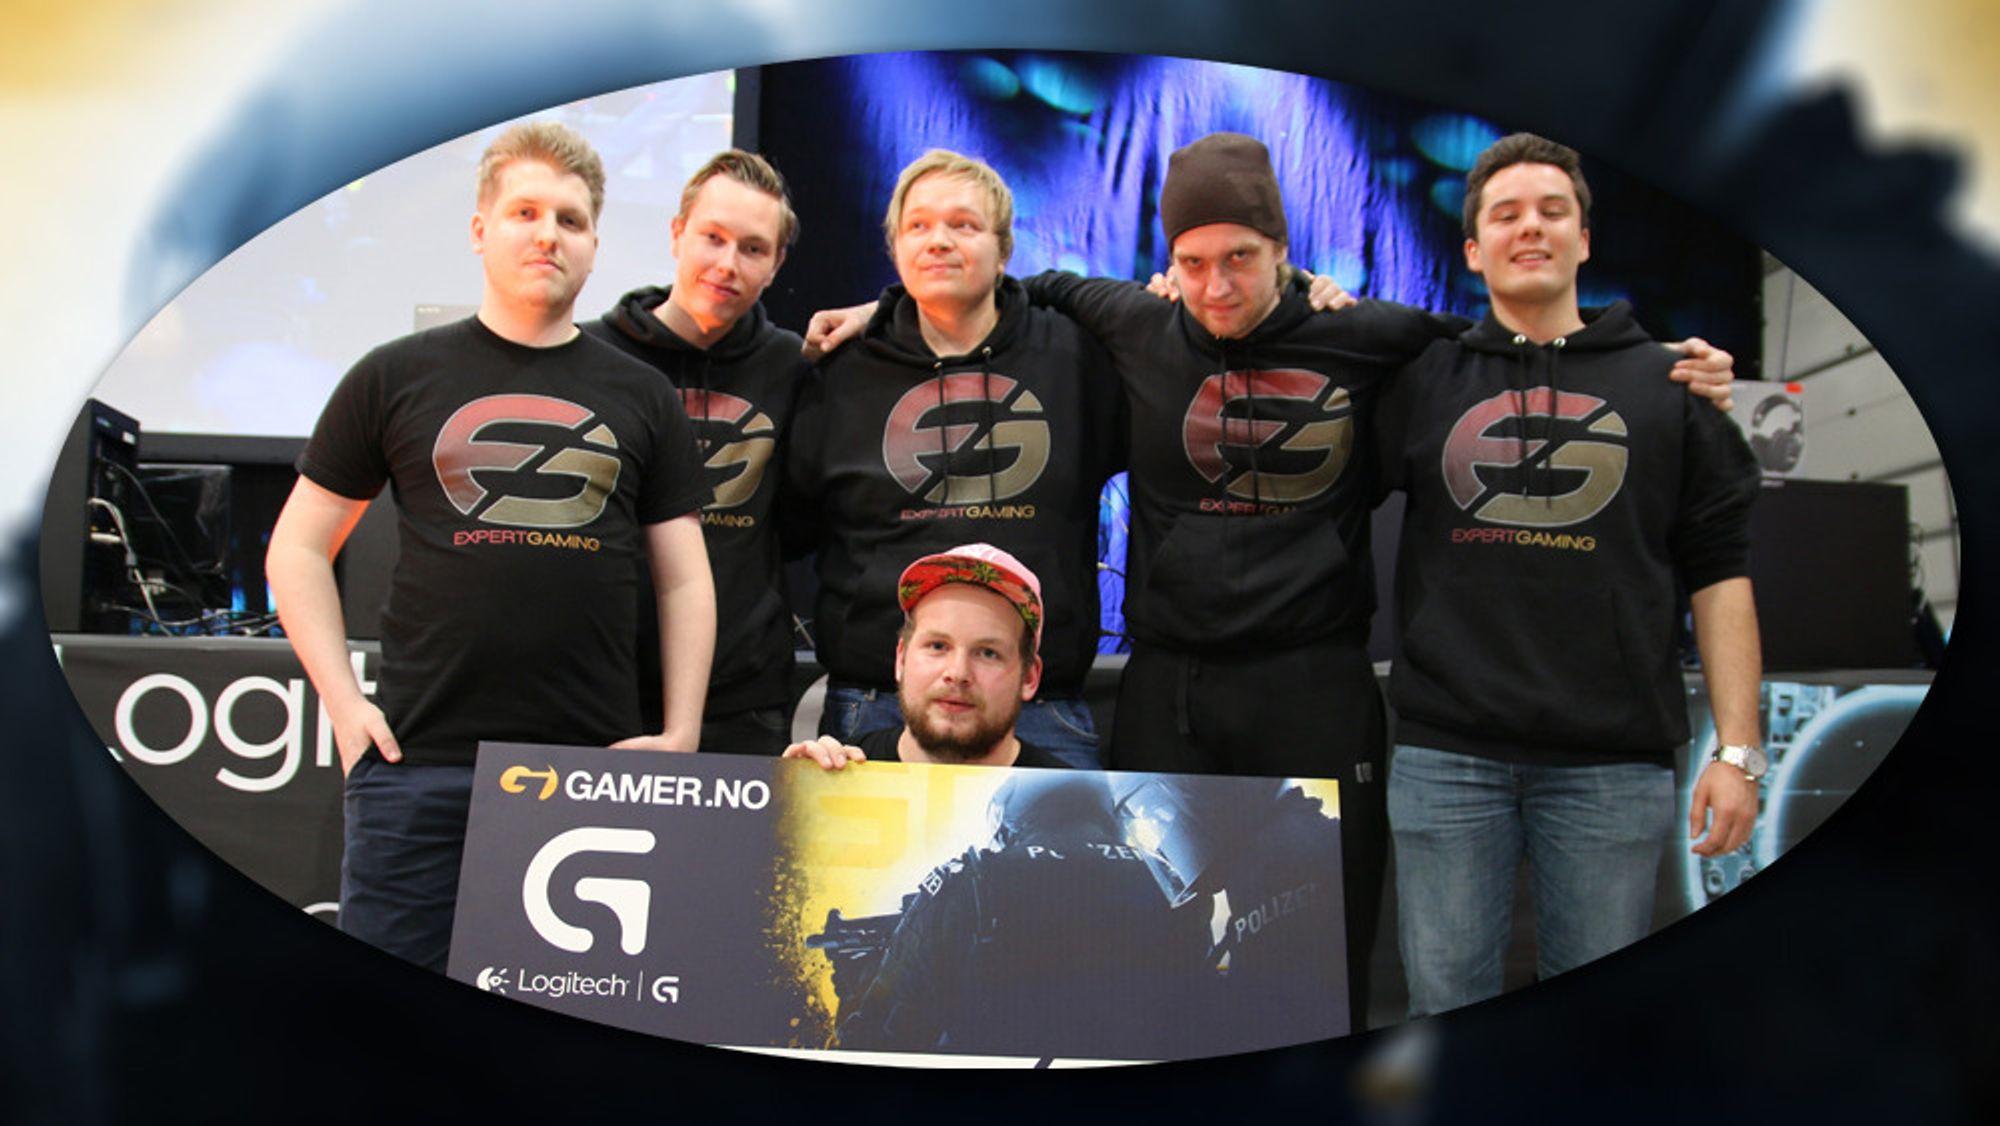 Expert-Gaming vant 10 000 kroner etter å ha stukket av med seieren i Logitech G Counter-Strike Series i november.